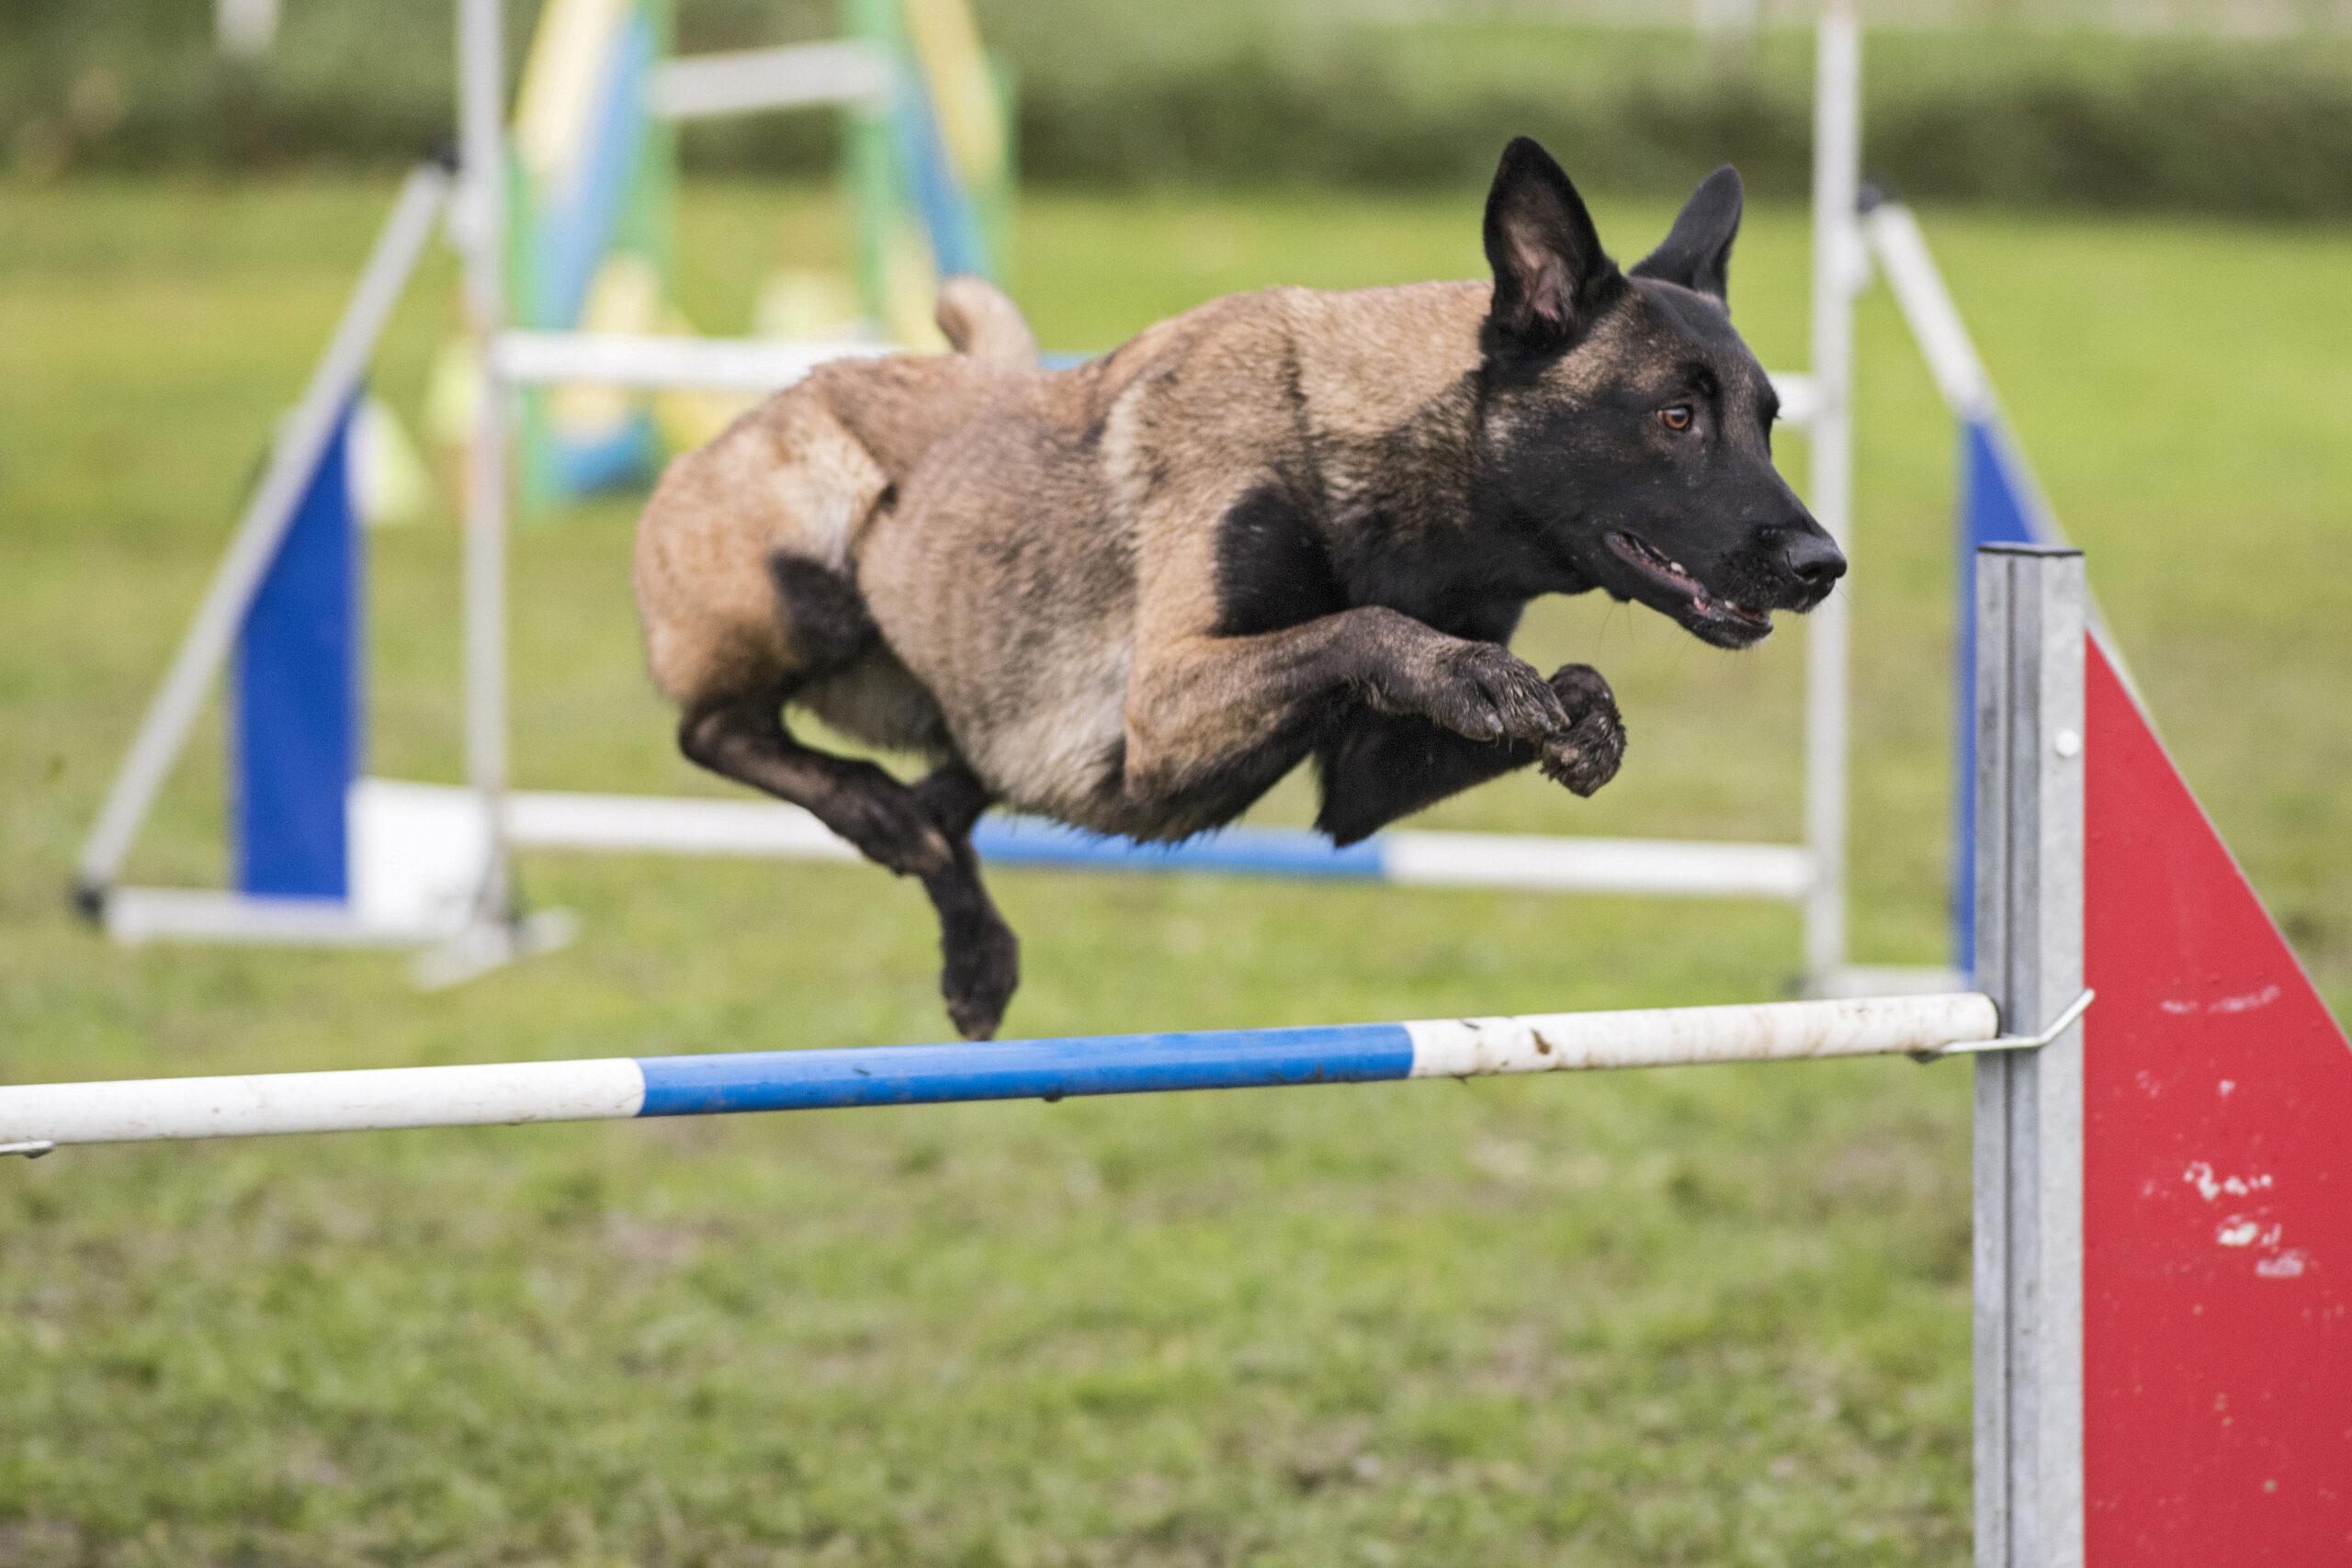 Mein Hund springt nicht gut – Hab ich ein Problem oder nicht